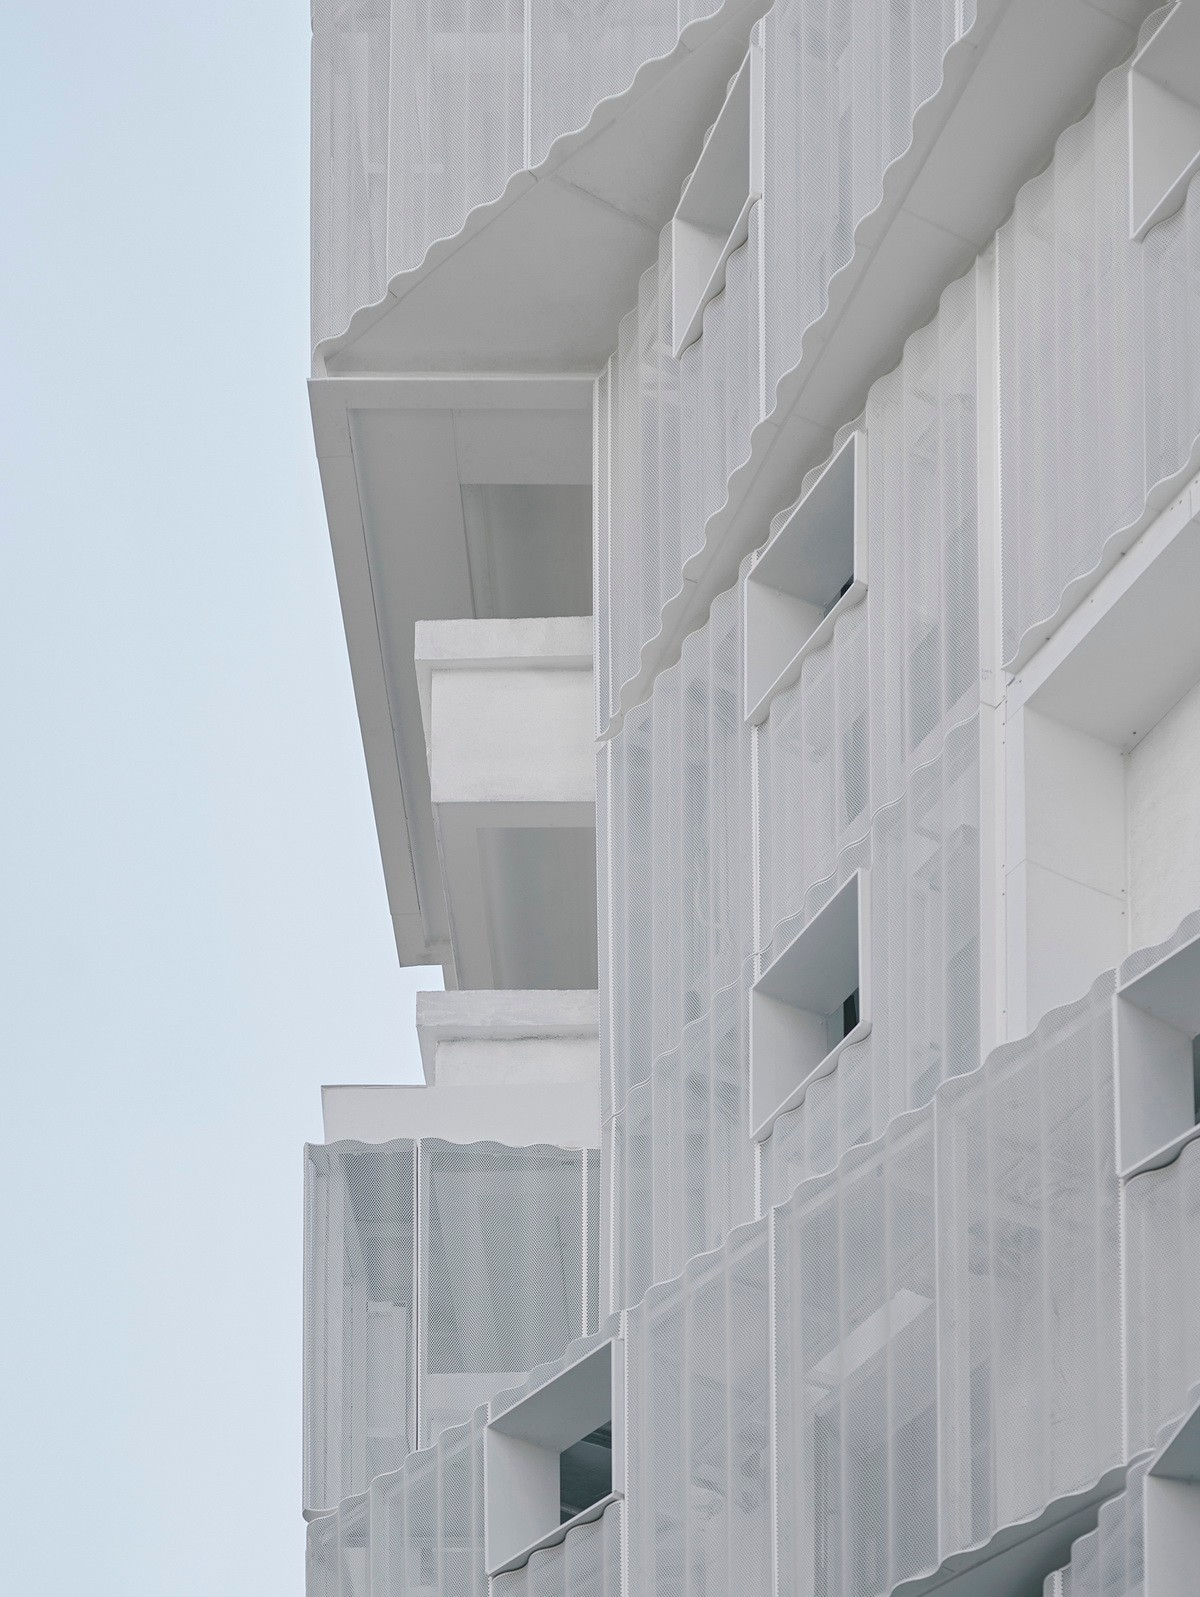 广州万科五羊泊寓PORT 改造设计/ 间筑设计